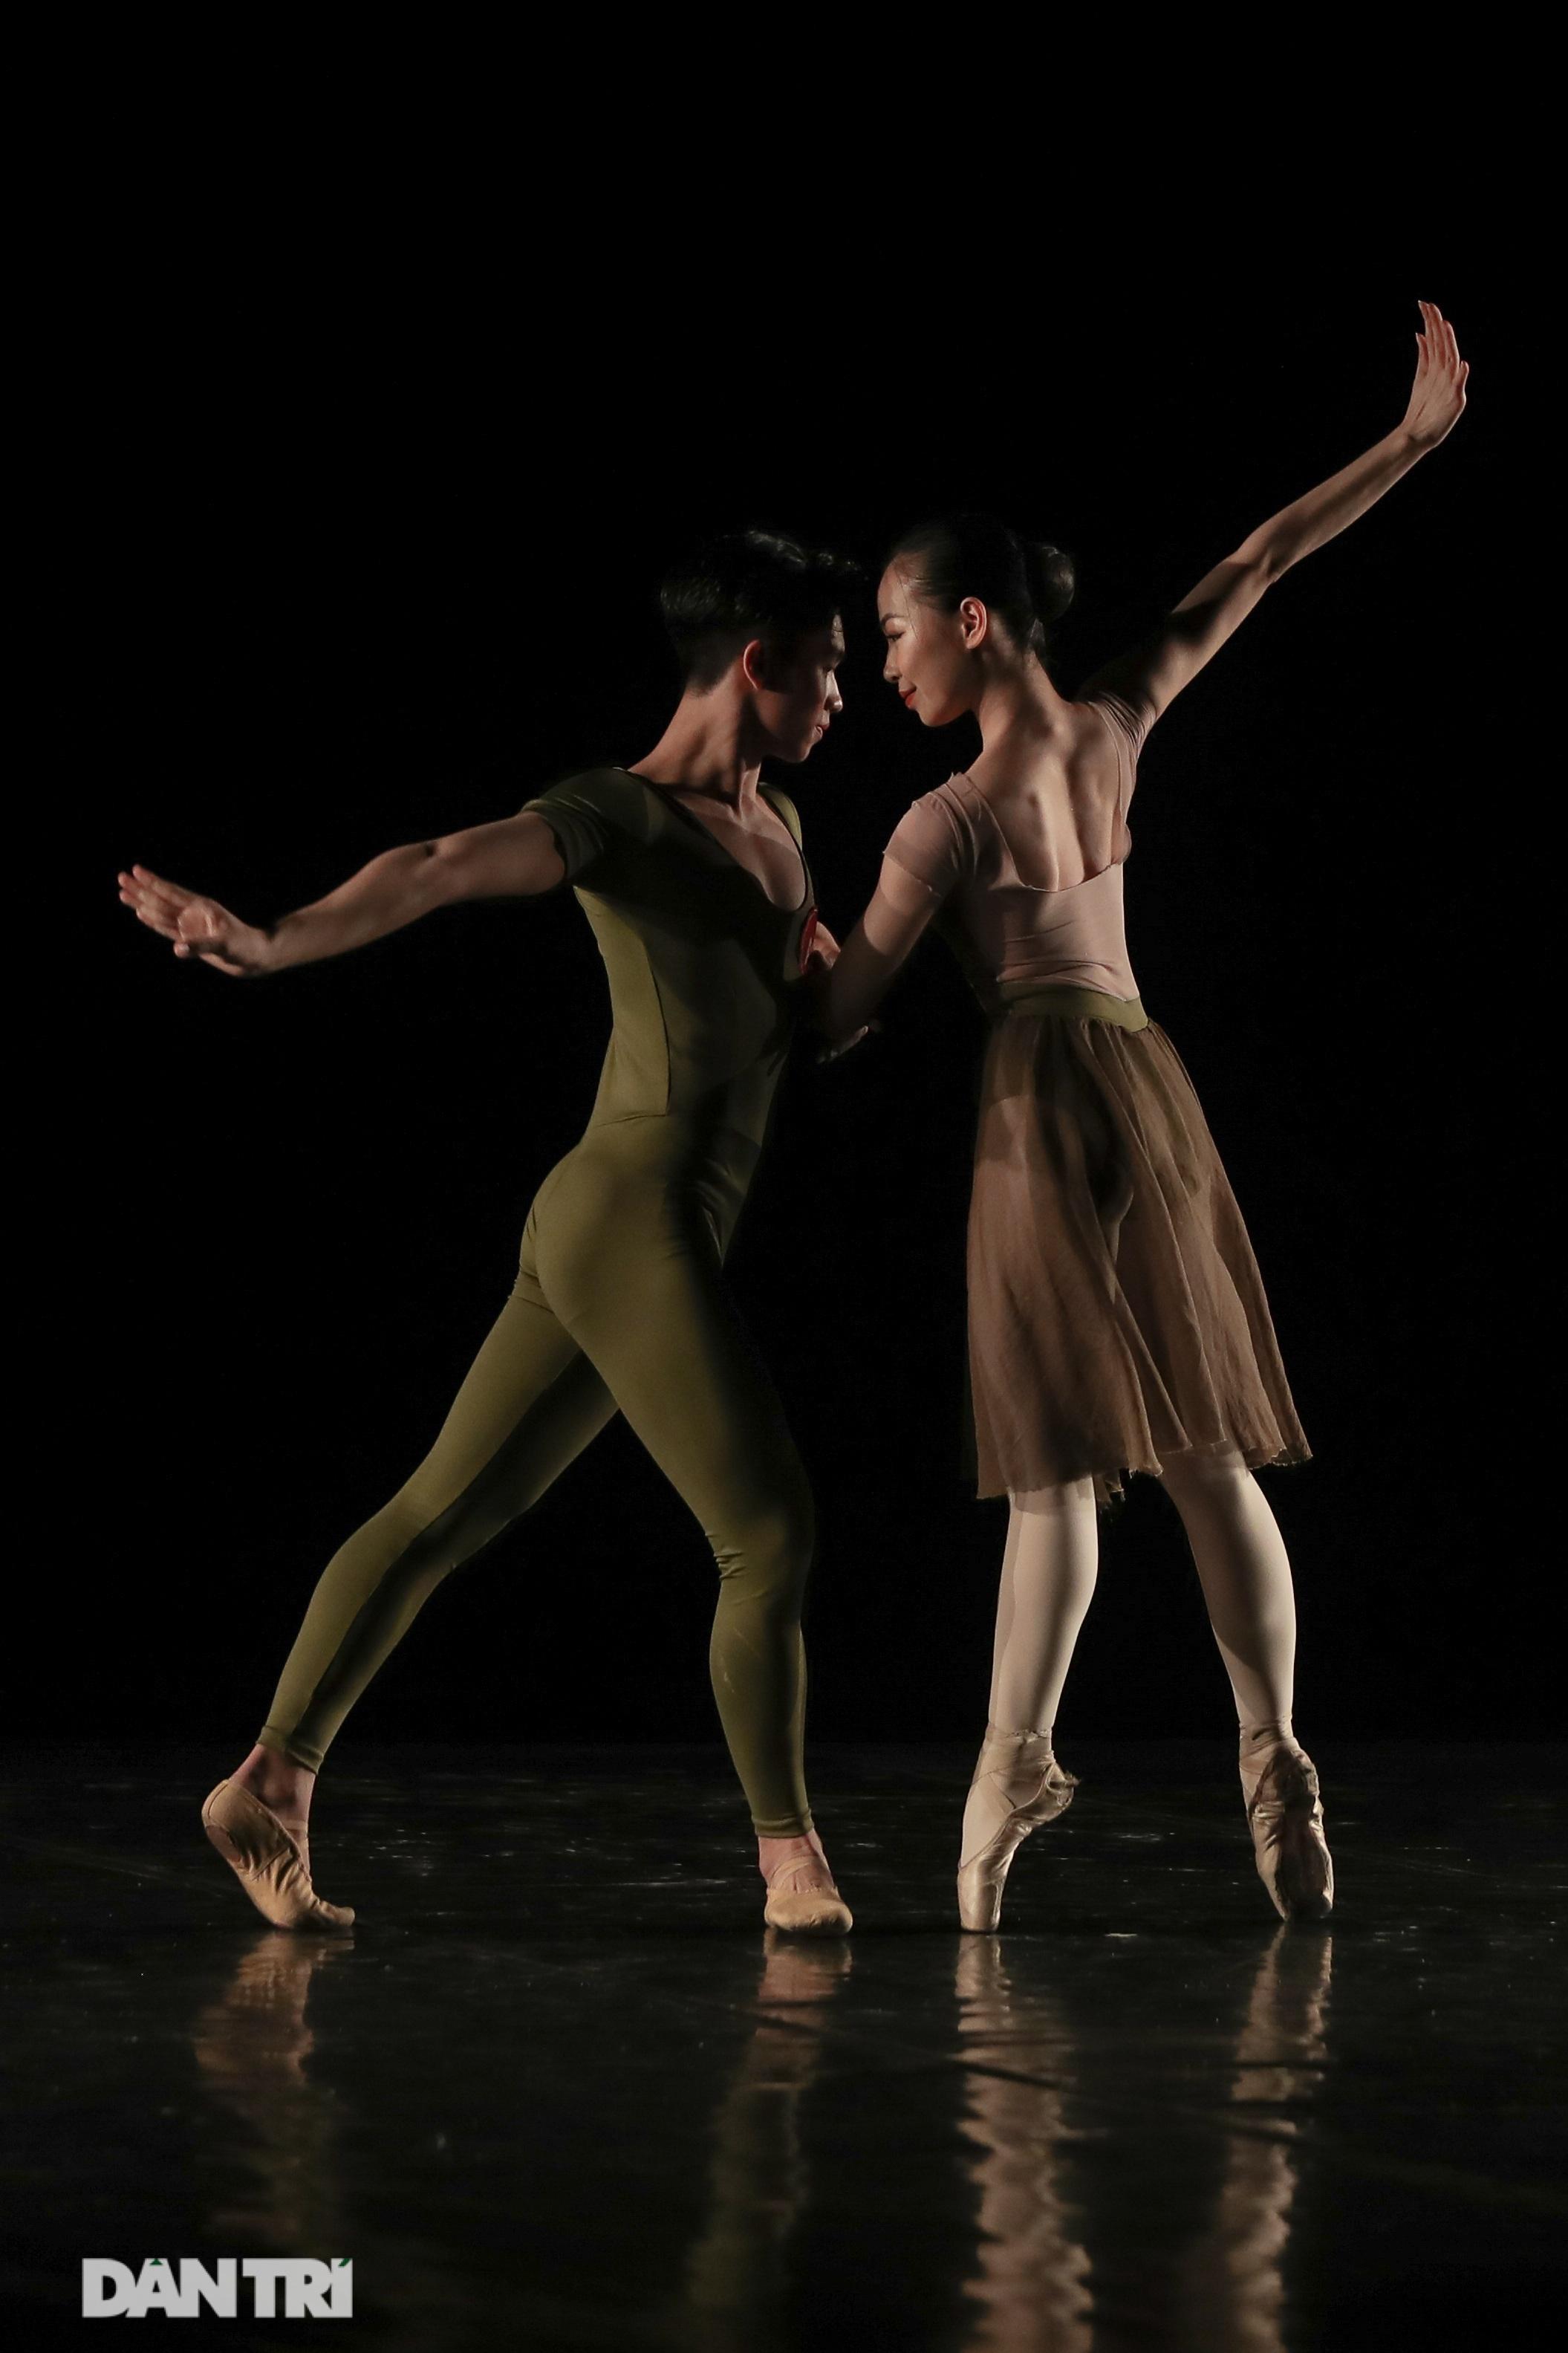 Khoảnh khắc mê hồn tại cuộc thi Tài năng biểu diễn múa - 32